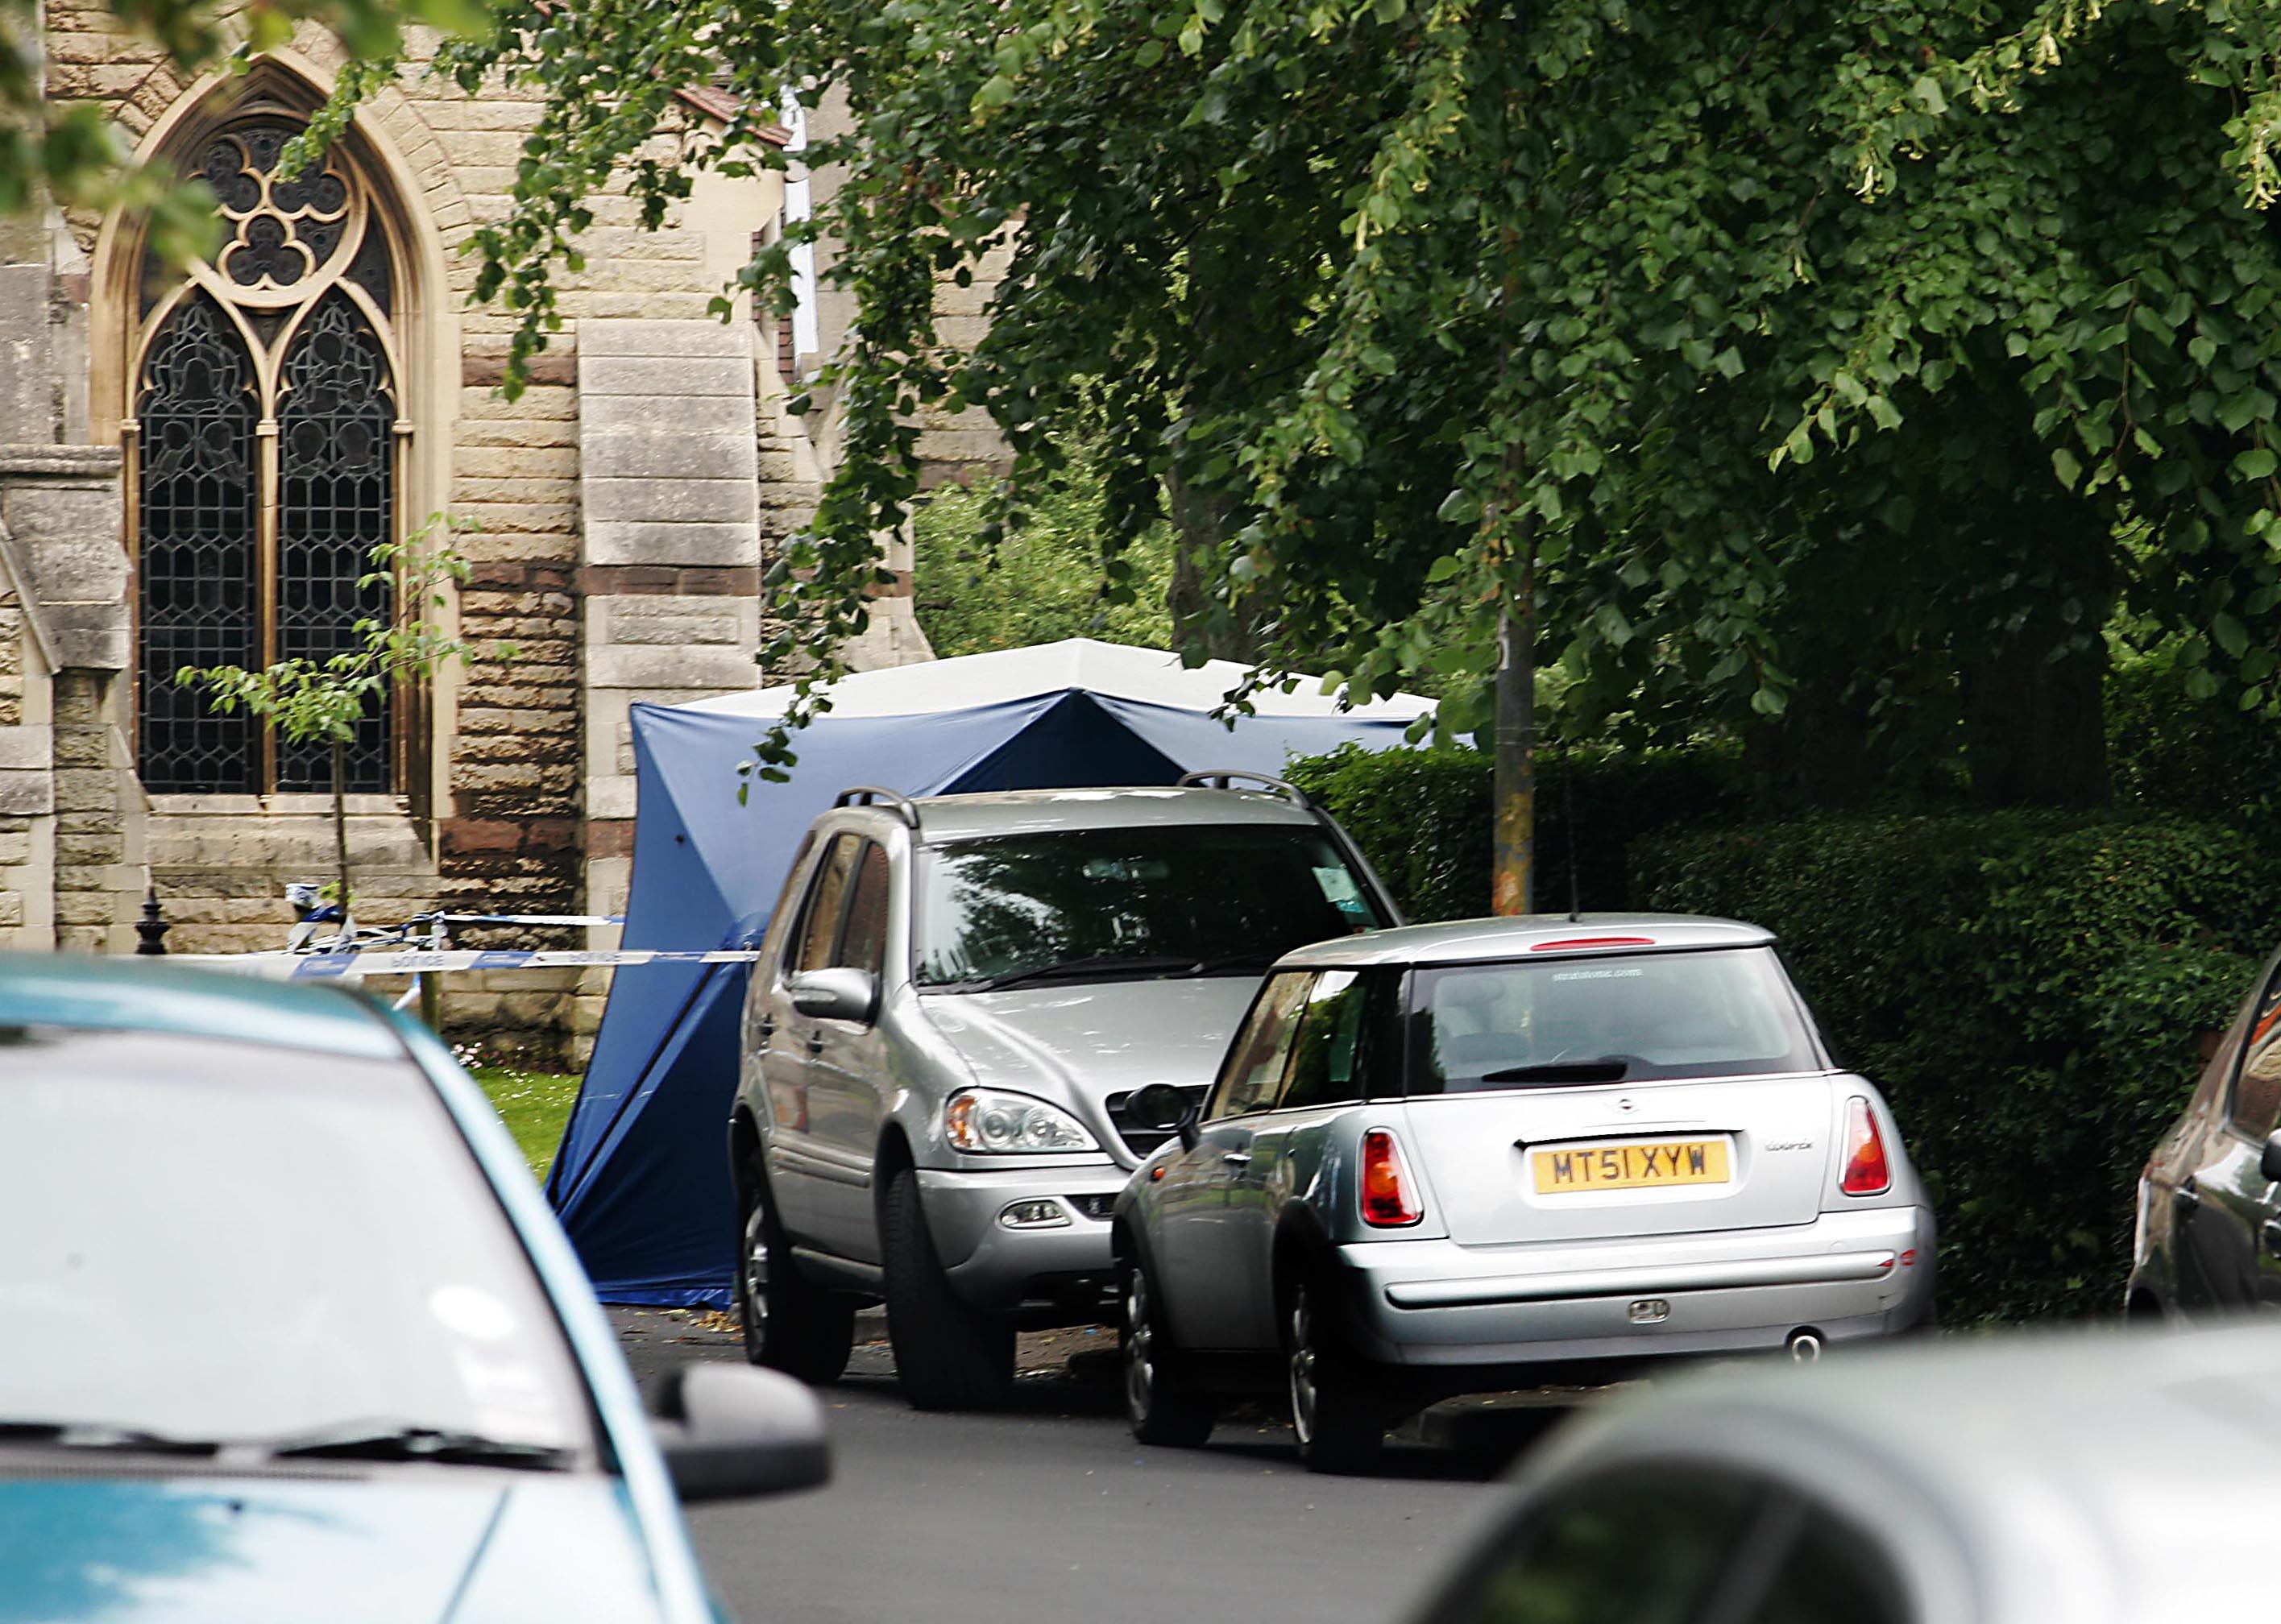 Murder in affluent Birmingham suburb